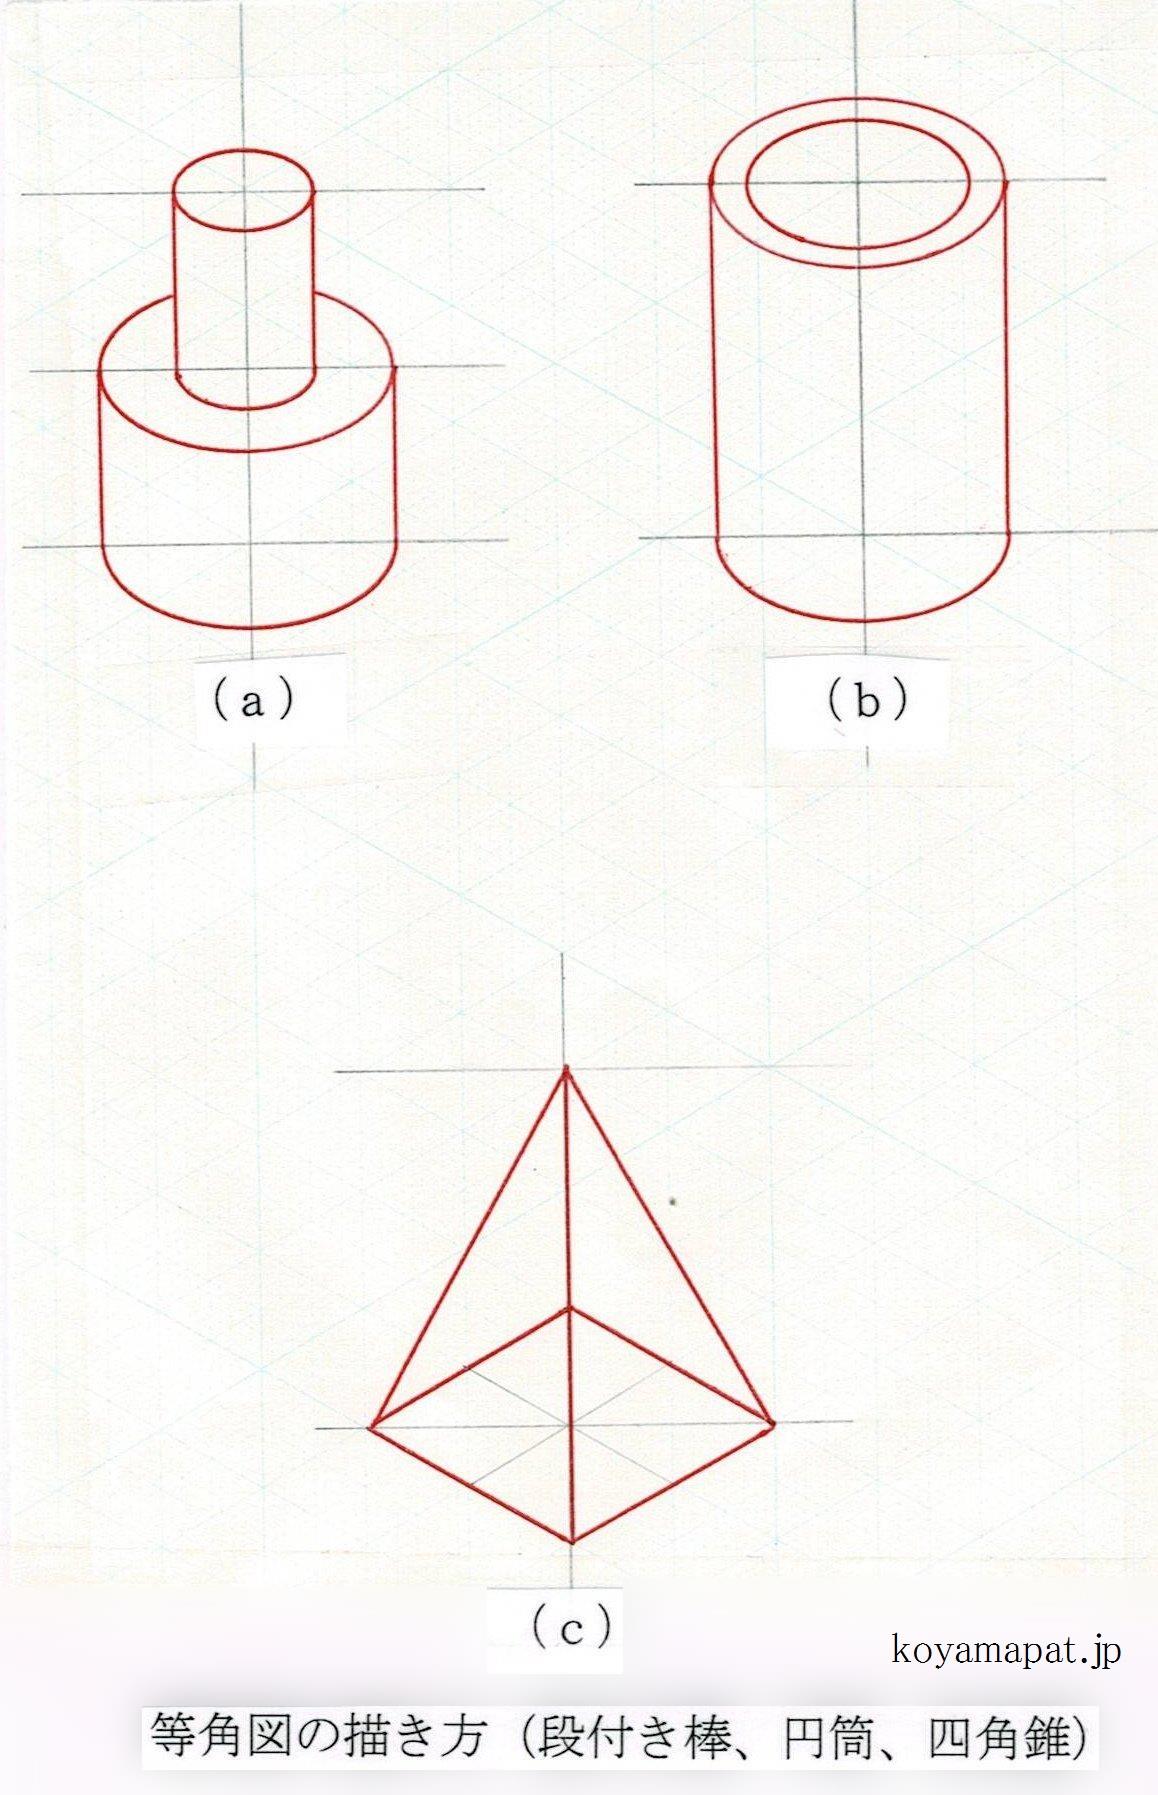 等角図の描き方(段付き棒、円筒、四角錐)